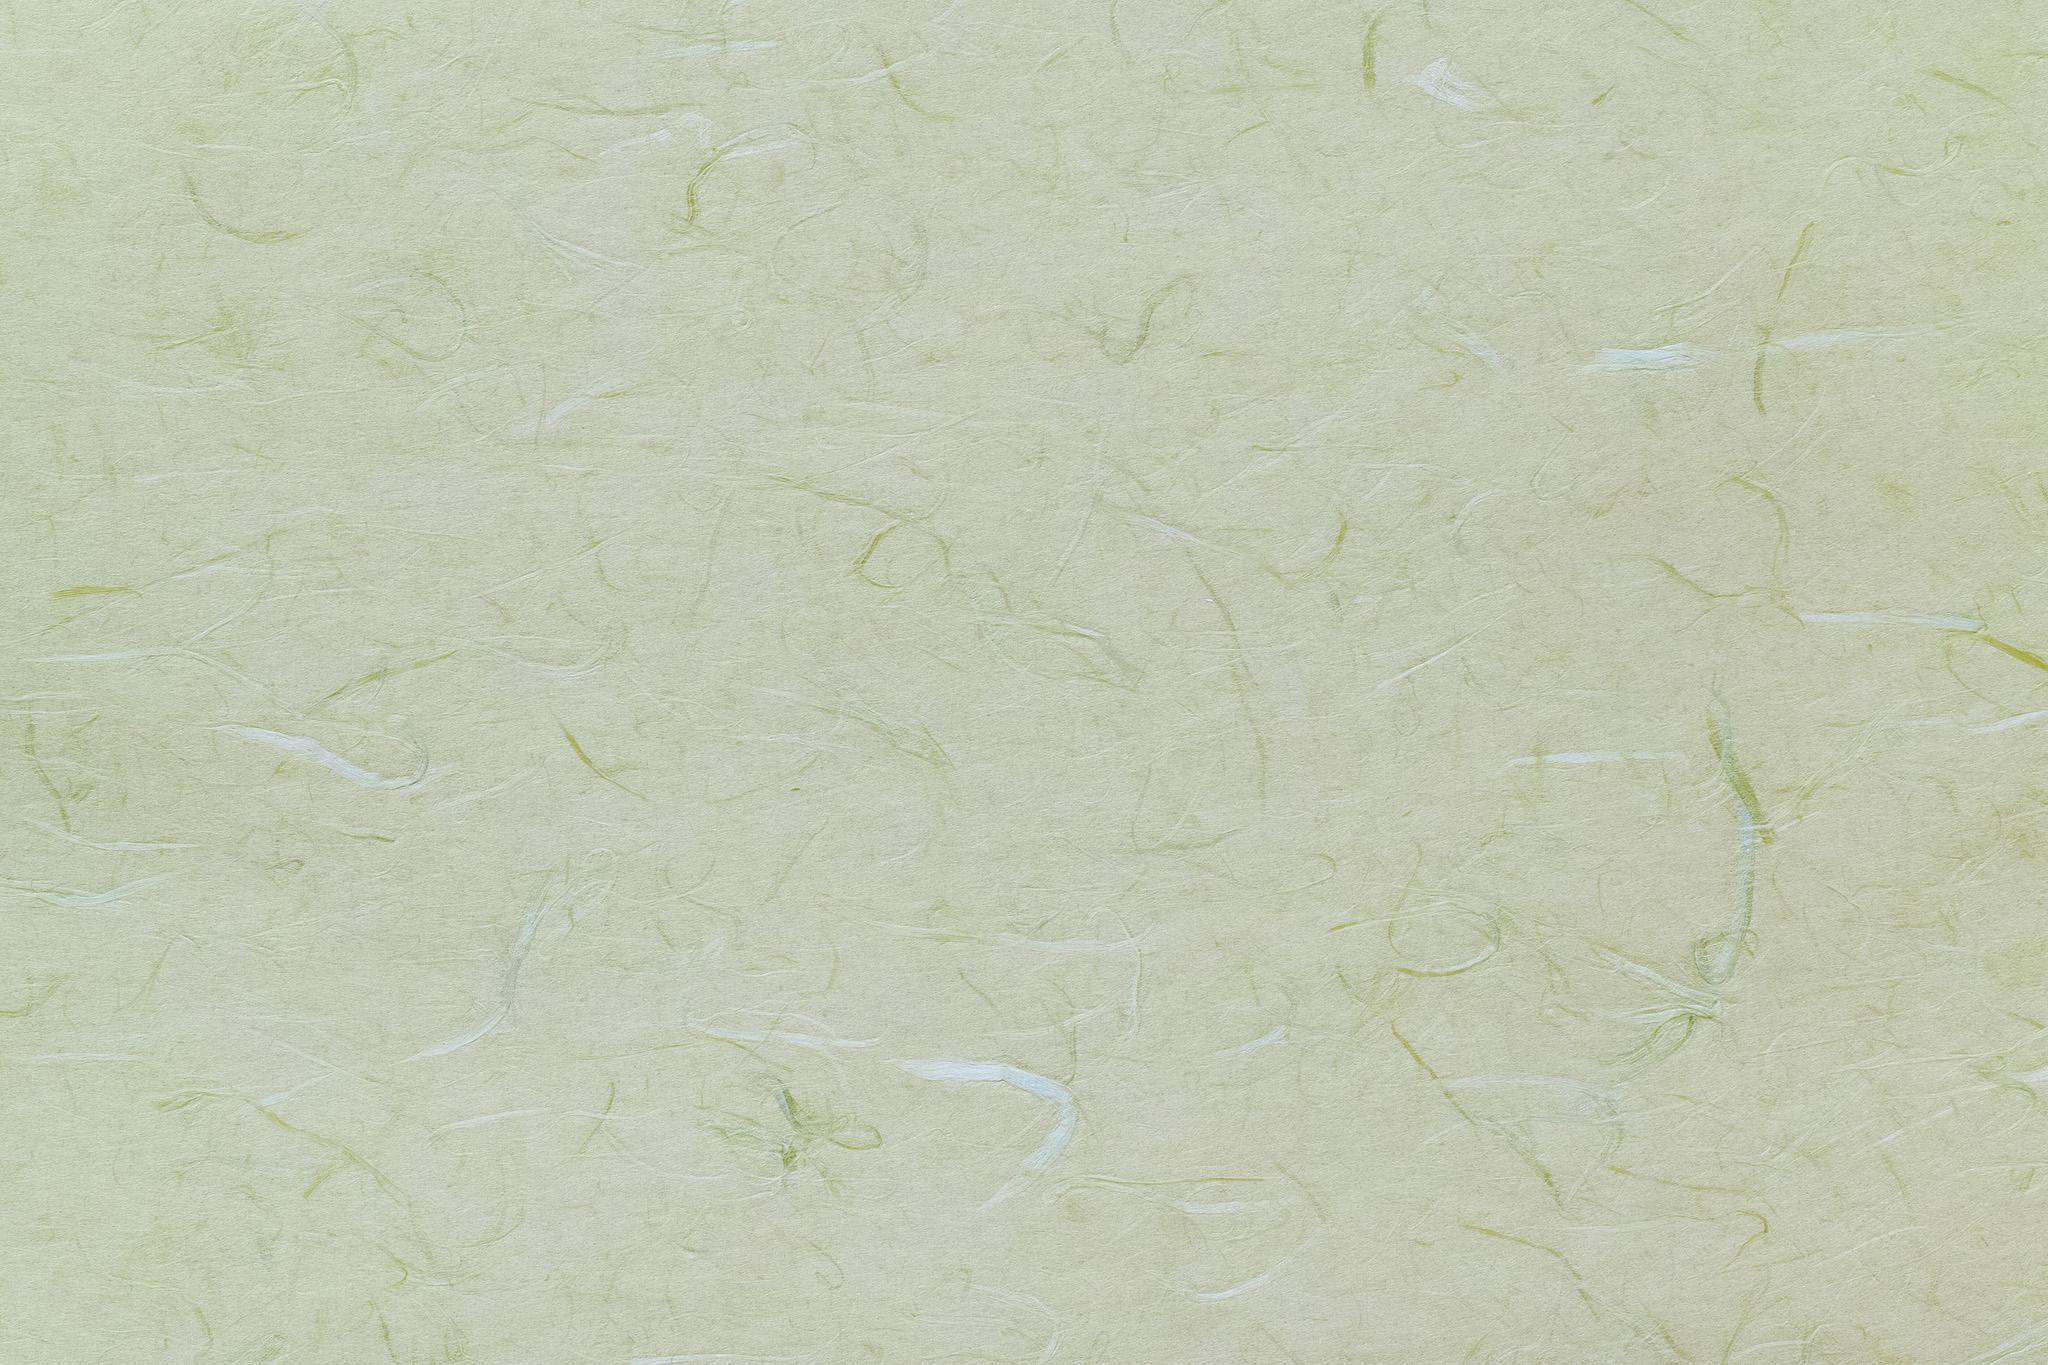 「緑と白の楮繊維が入った柳鼠色の雲竜和紙」の背景を無料ダウンロード